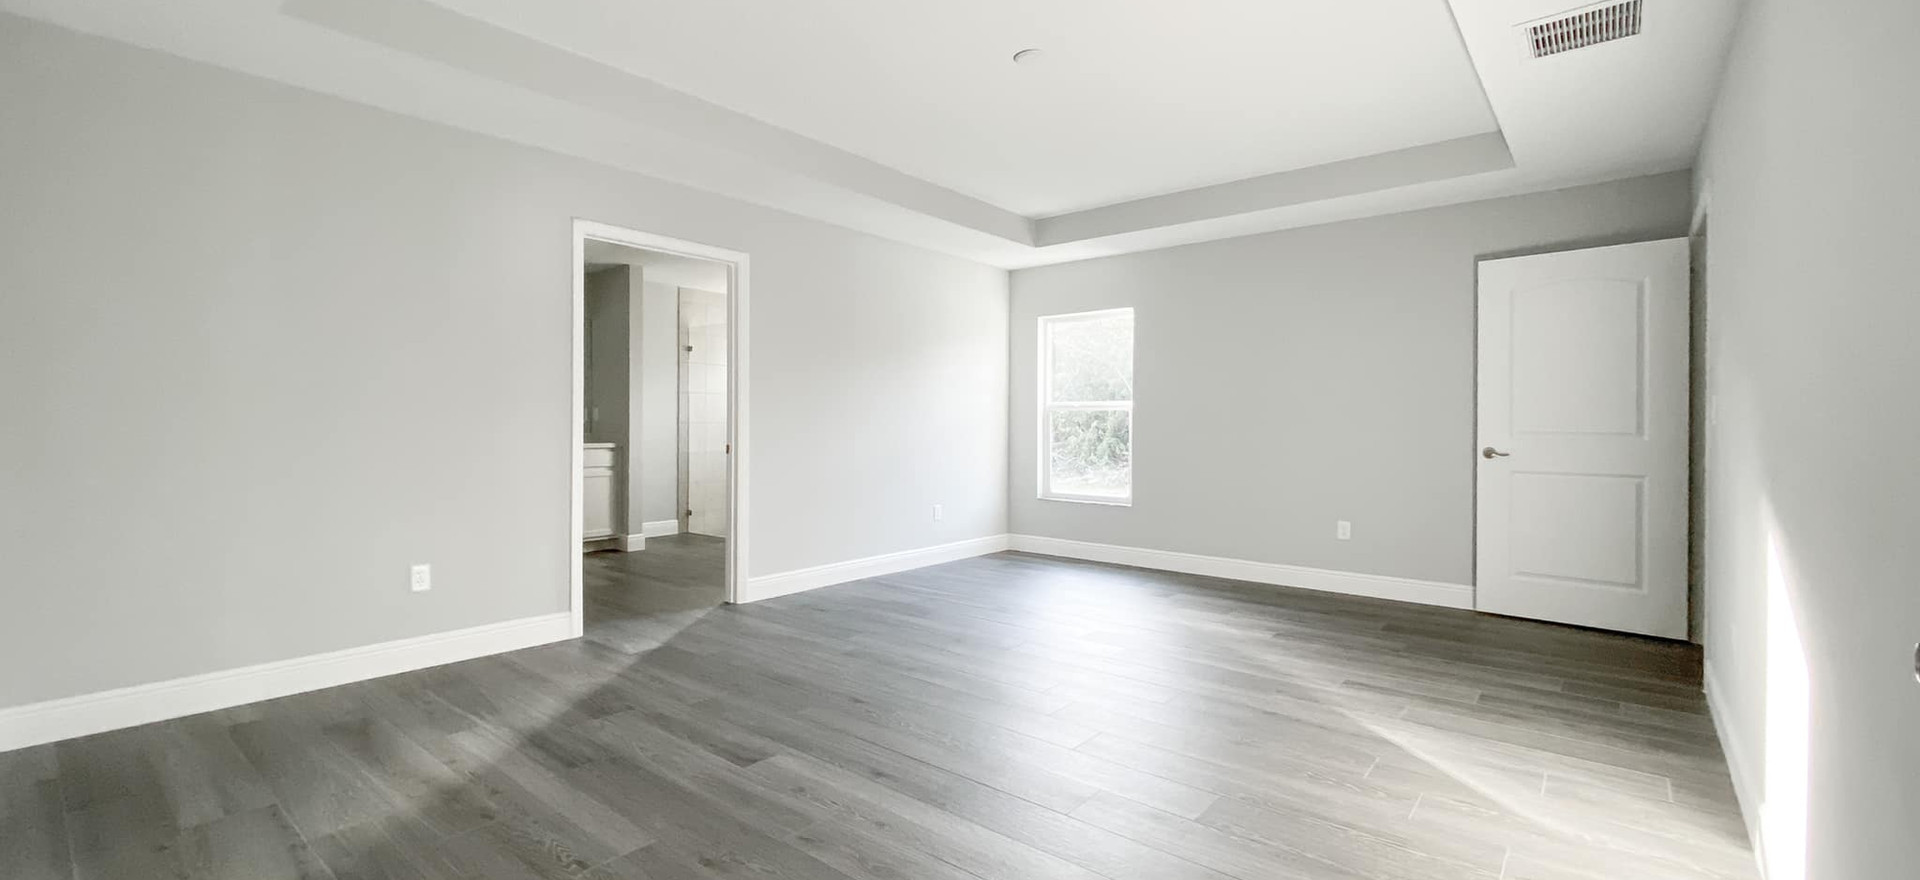 Seabrook Floorplan - Groza Builders Inc.